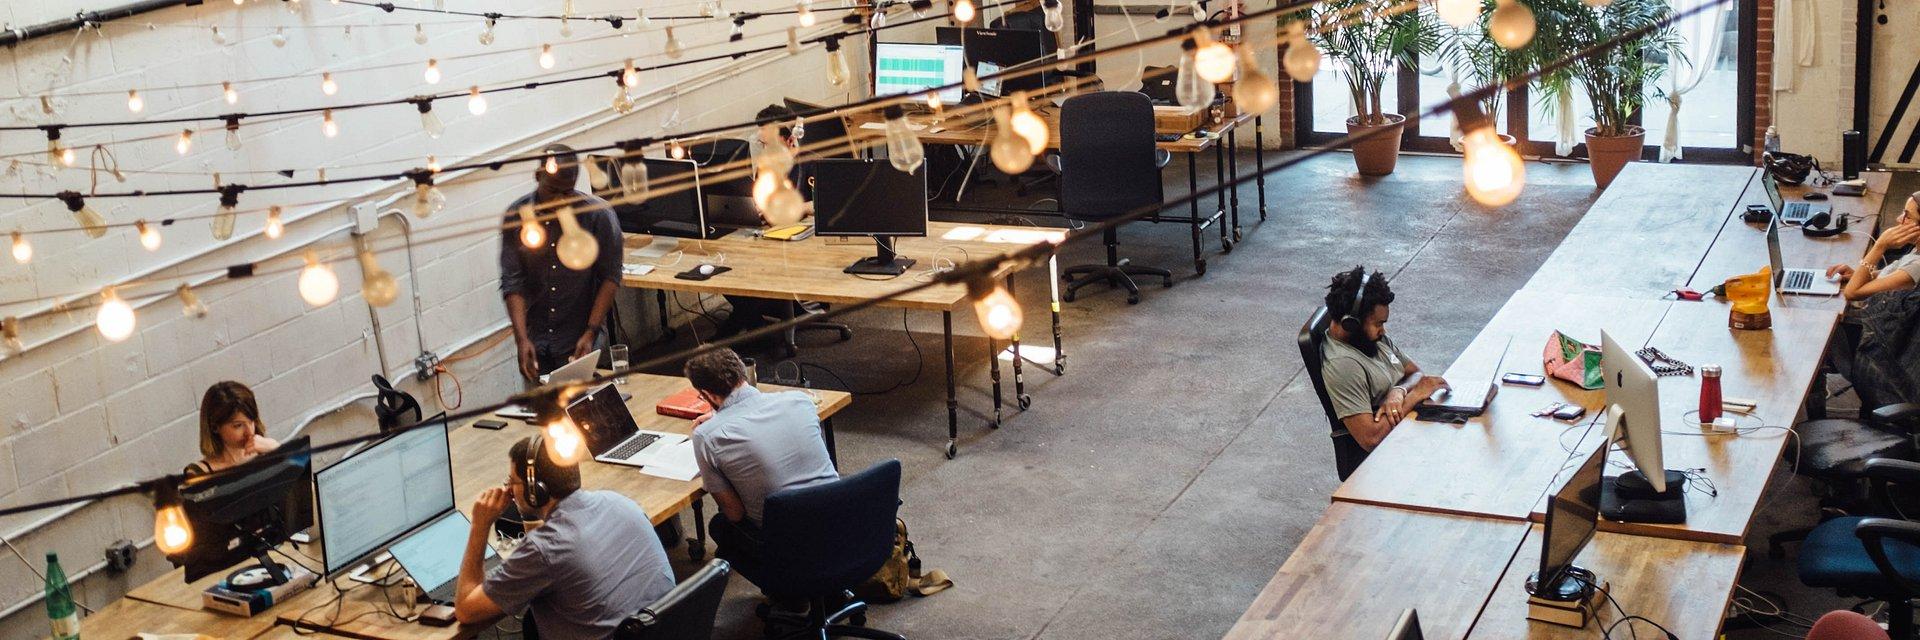 Optimalizace nemovitosti pro zlepšení produktivity zaměstnanců